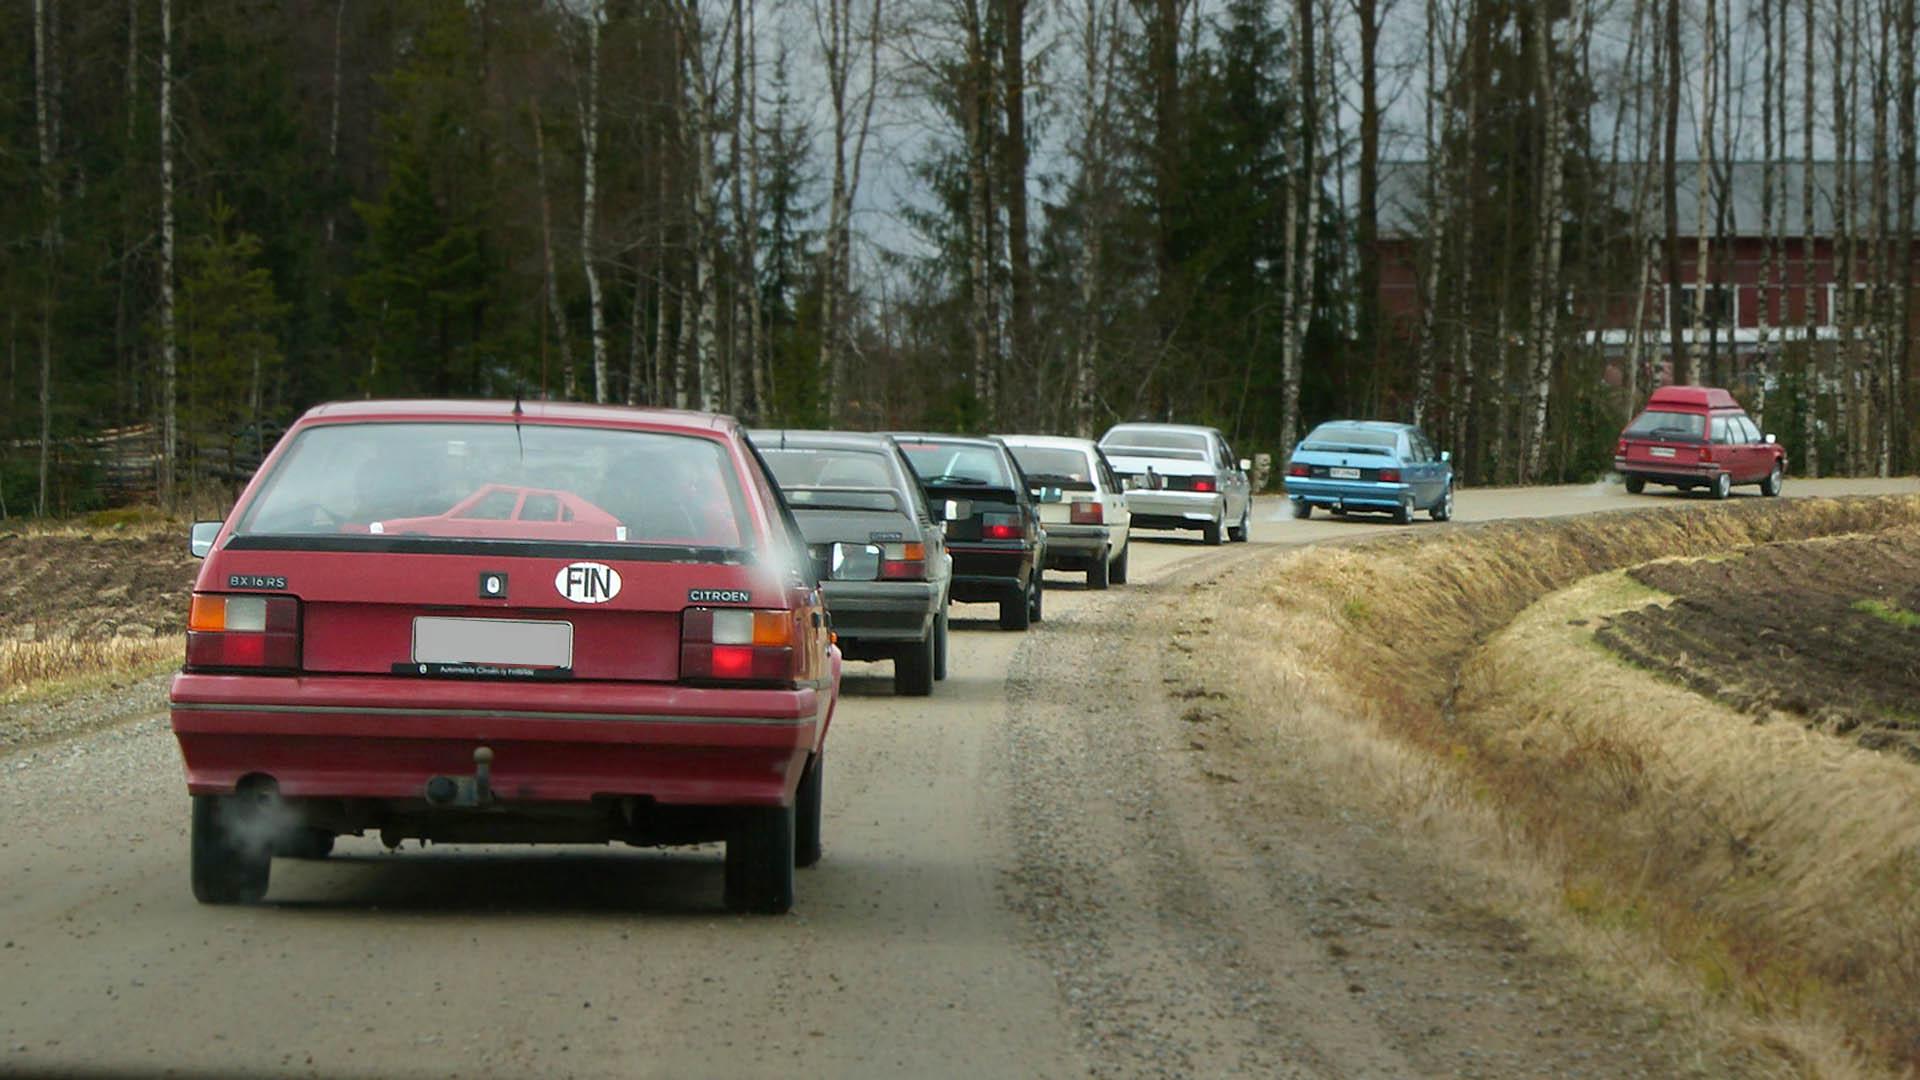 Citroën BX -autoja ajaa jonossa soratiellä maaseudulla.